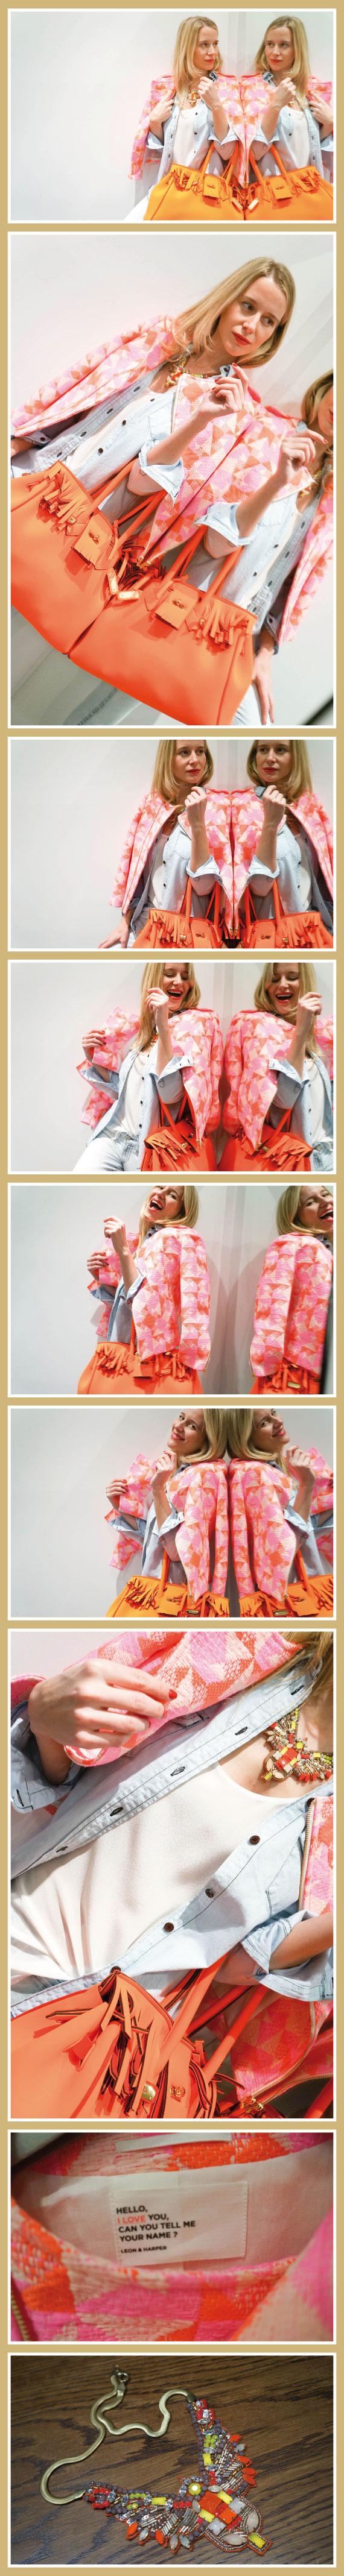 María León con cazadora con tejido Chanel en tonos flúor de Leon & Harper, jeans pitillo (muy lavados) de SOS ORZA y camisa vaquera de Leon & Harper